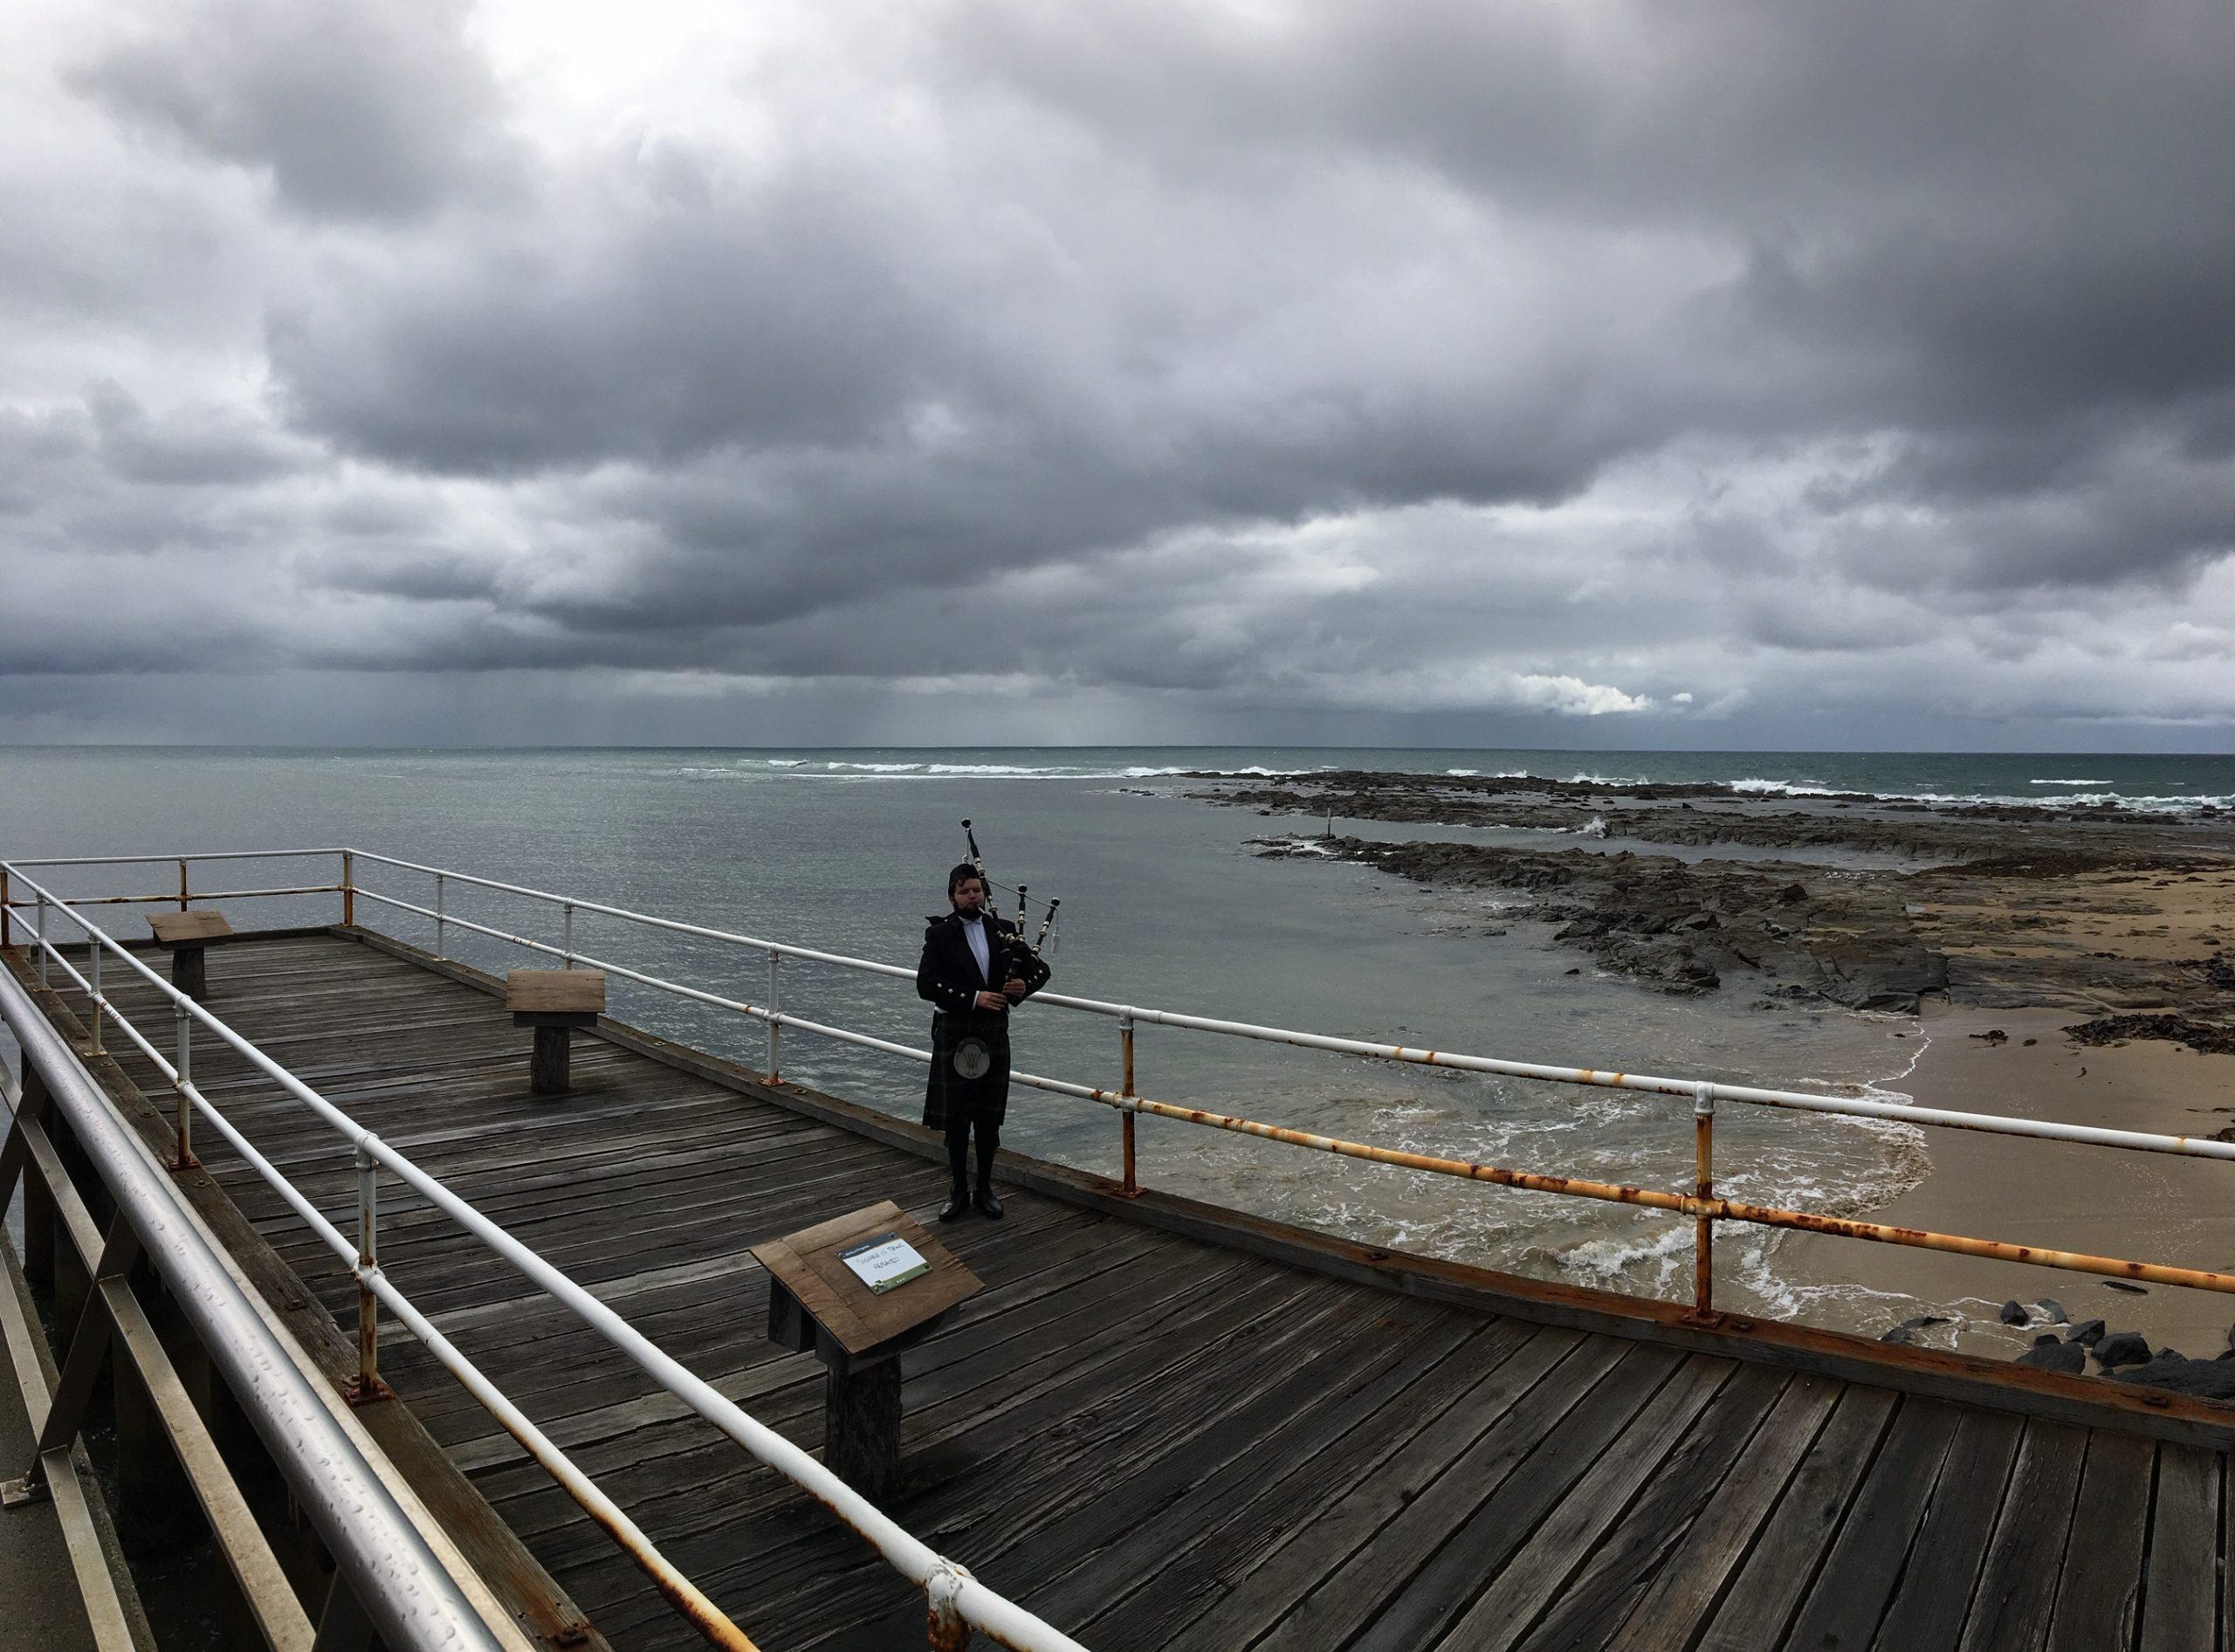 Callum Watson at Lorne Pier